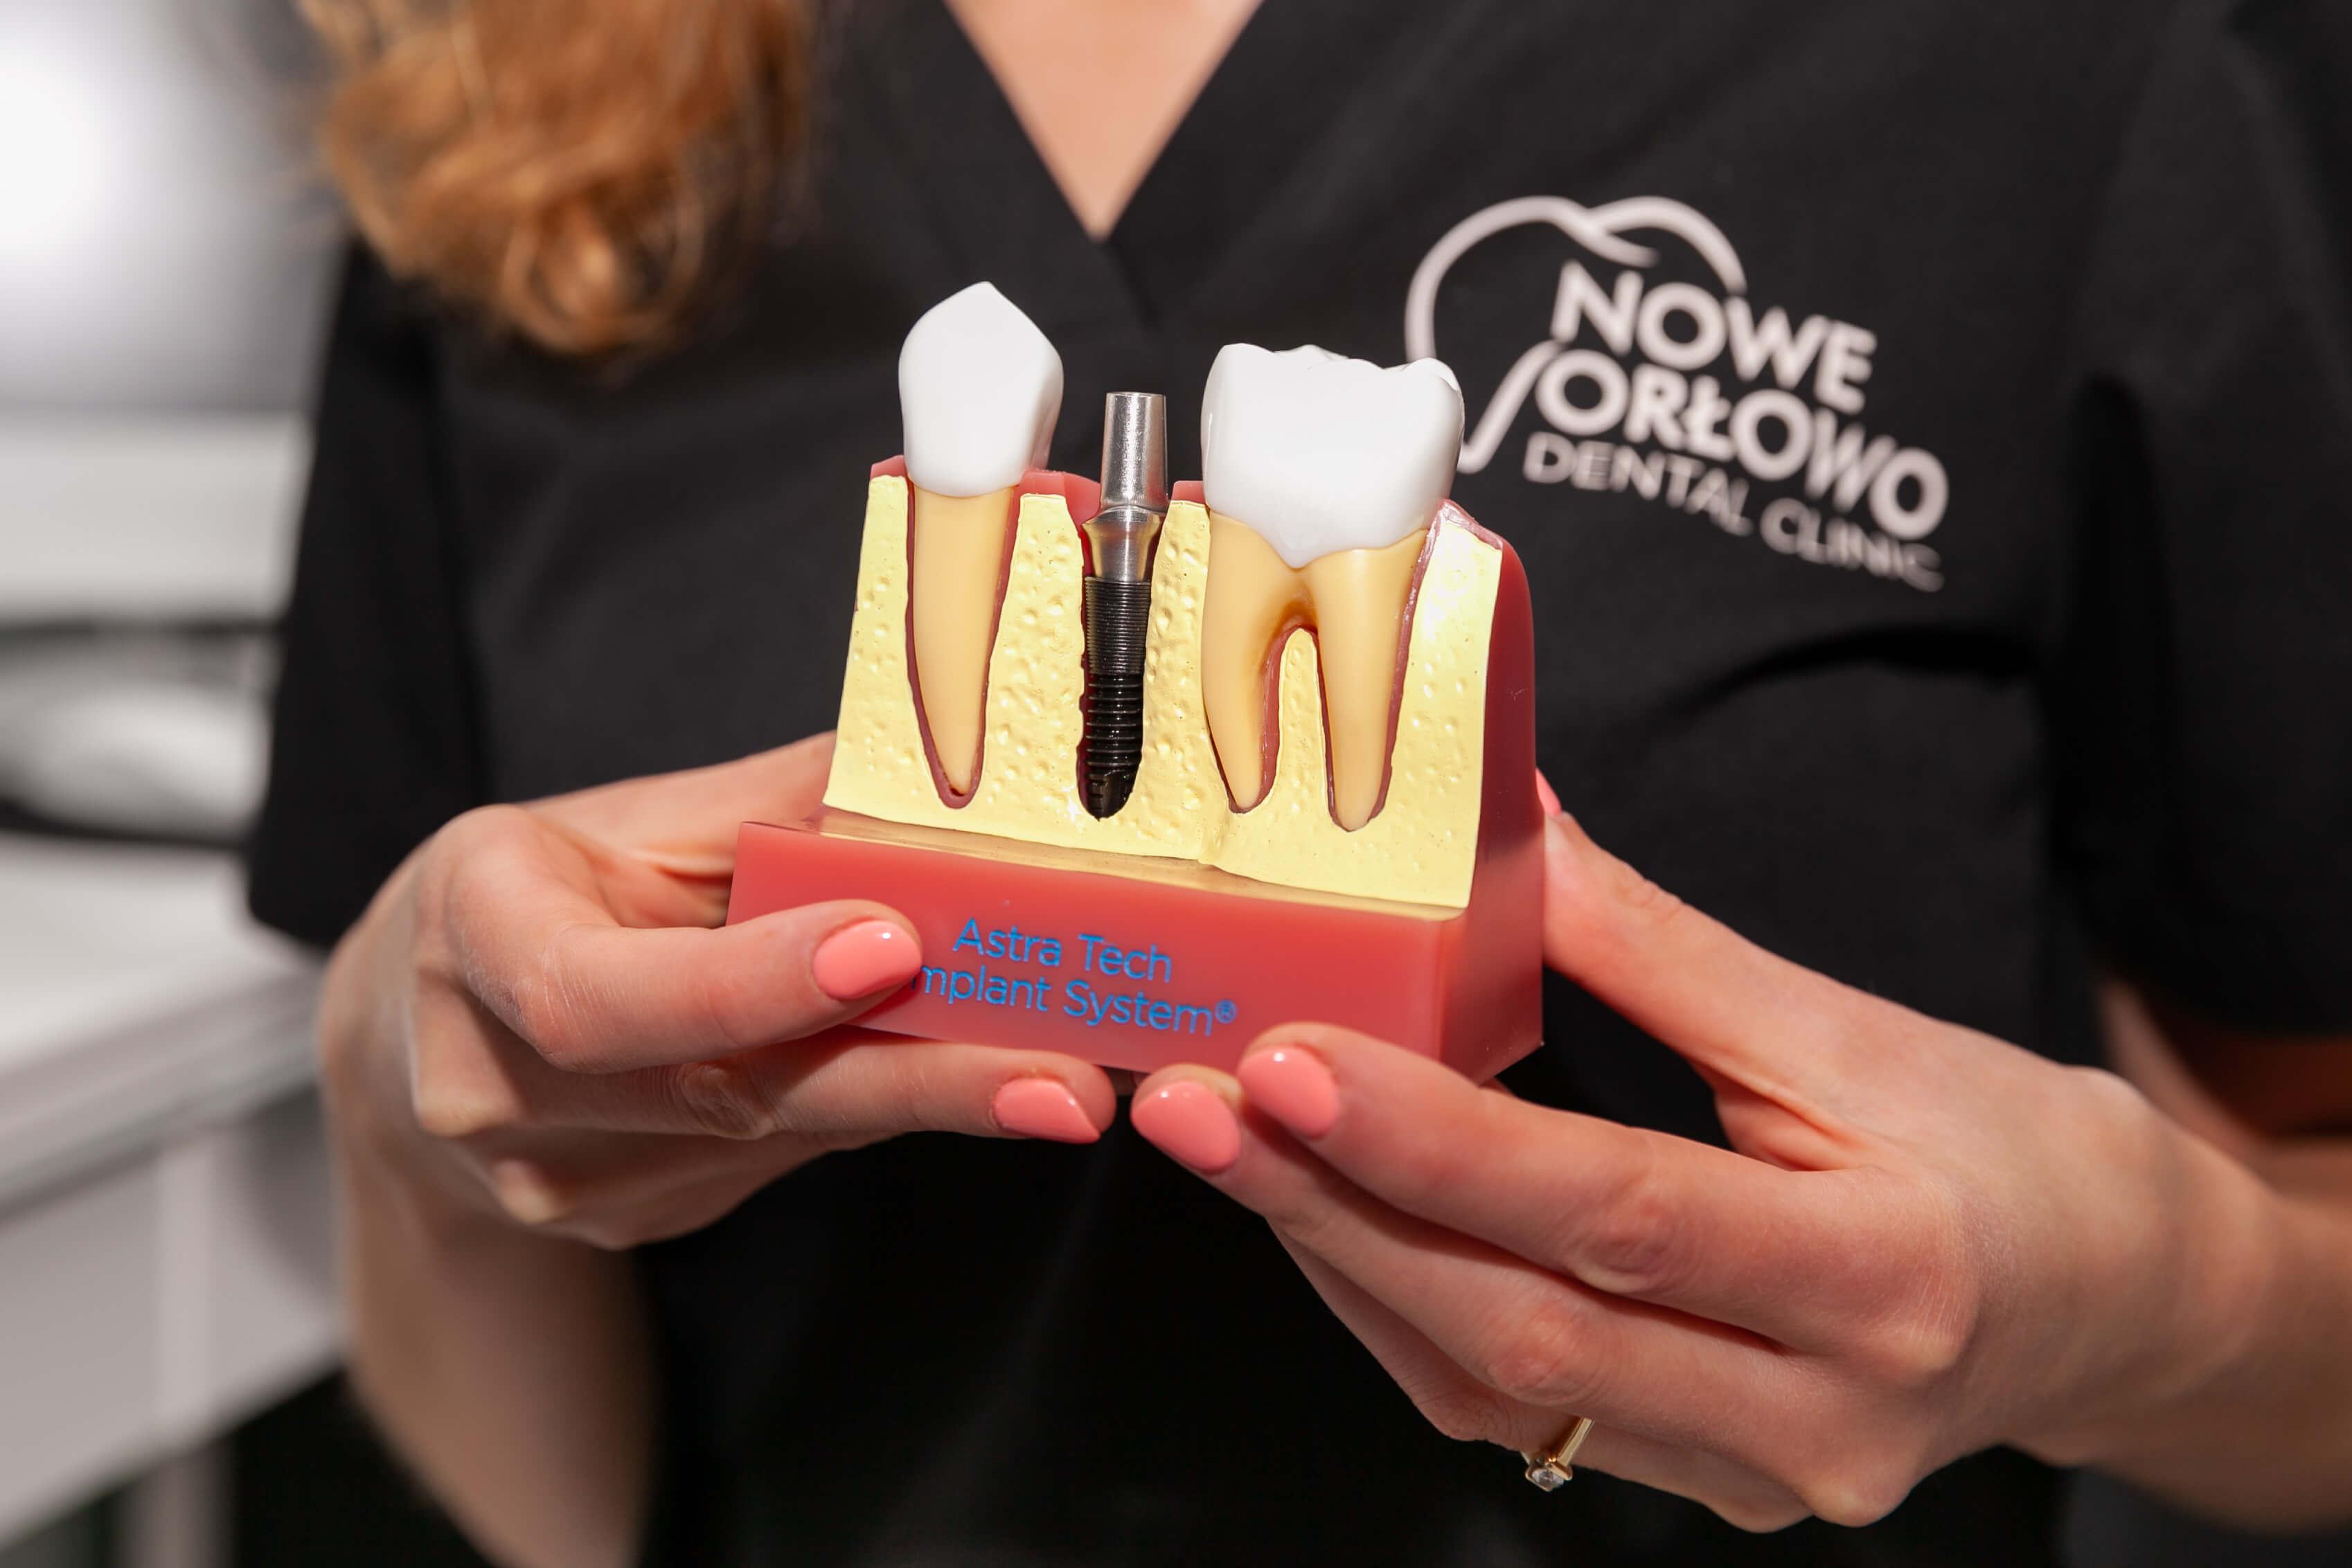 Nowe Orłowo Dental clinic 5 - Nowe Orłowo Dental Clinic – klinika godna zaufania